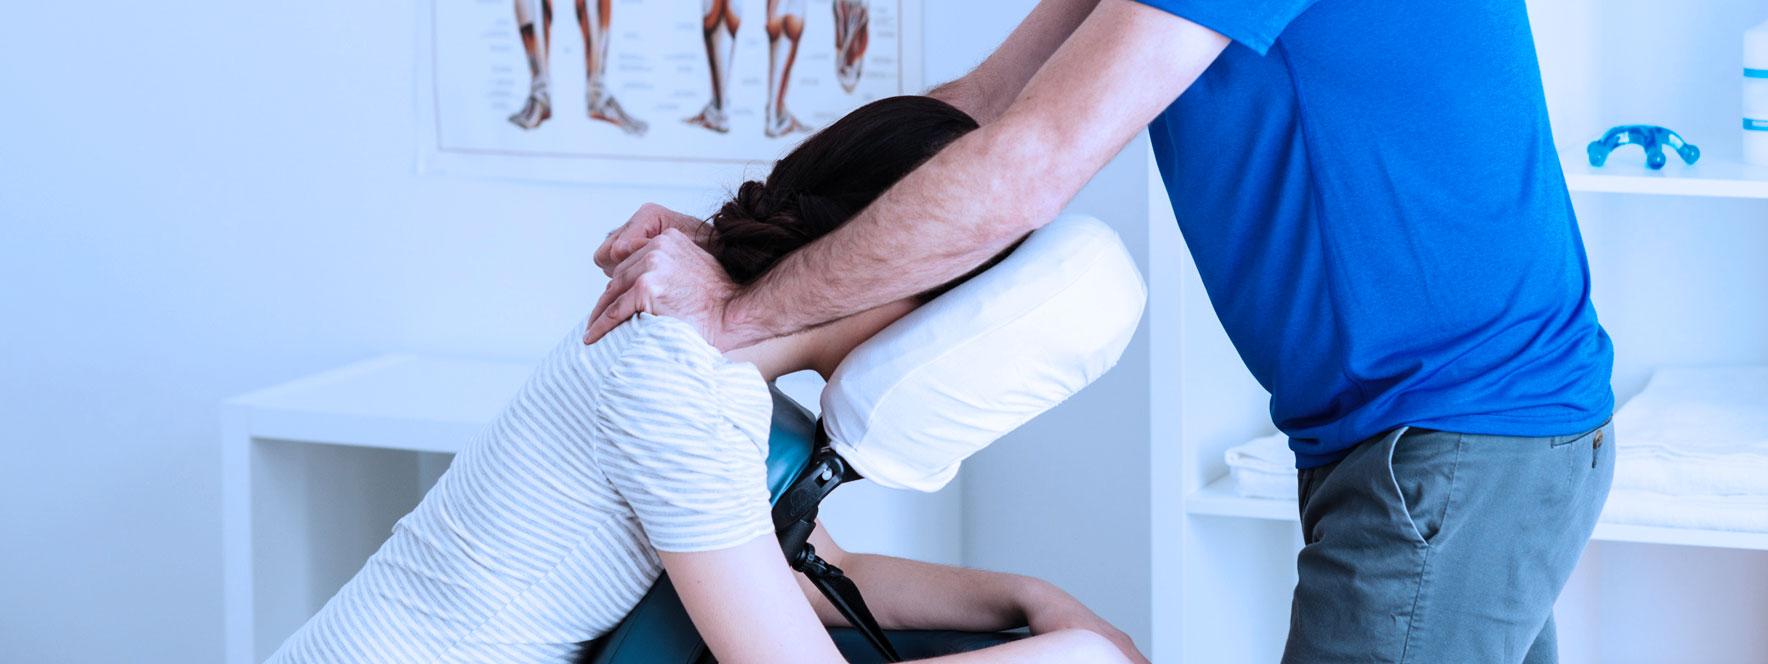 Le massage sur chaise, une option sur mesure pour les milieux de travail - Blogue du Réseau